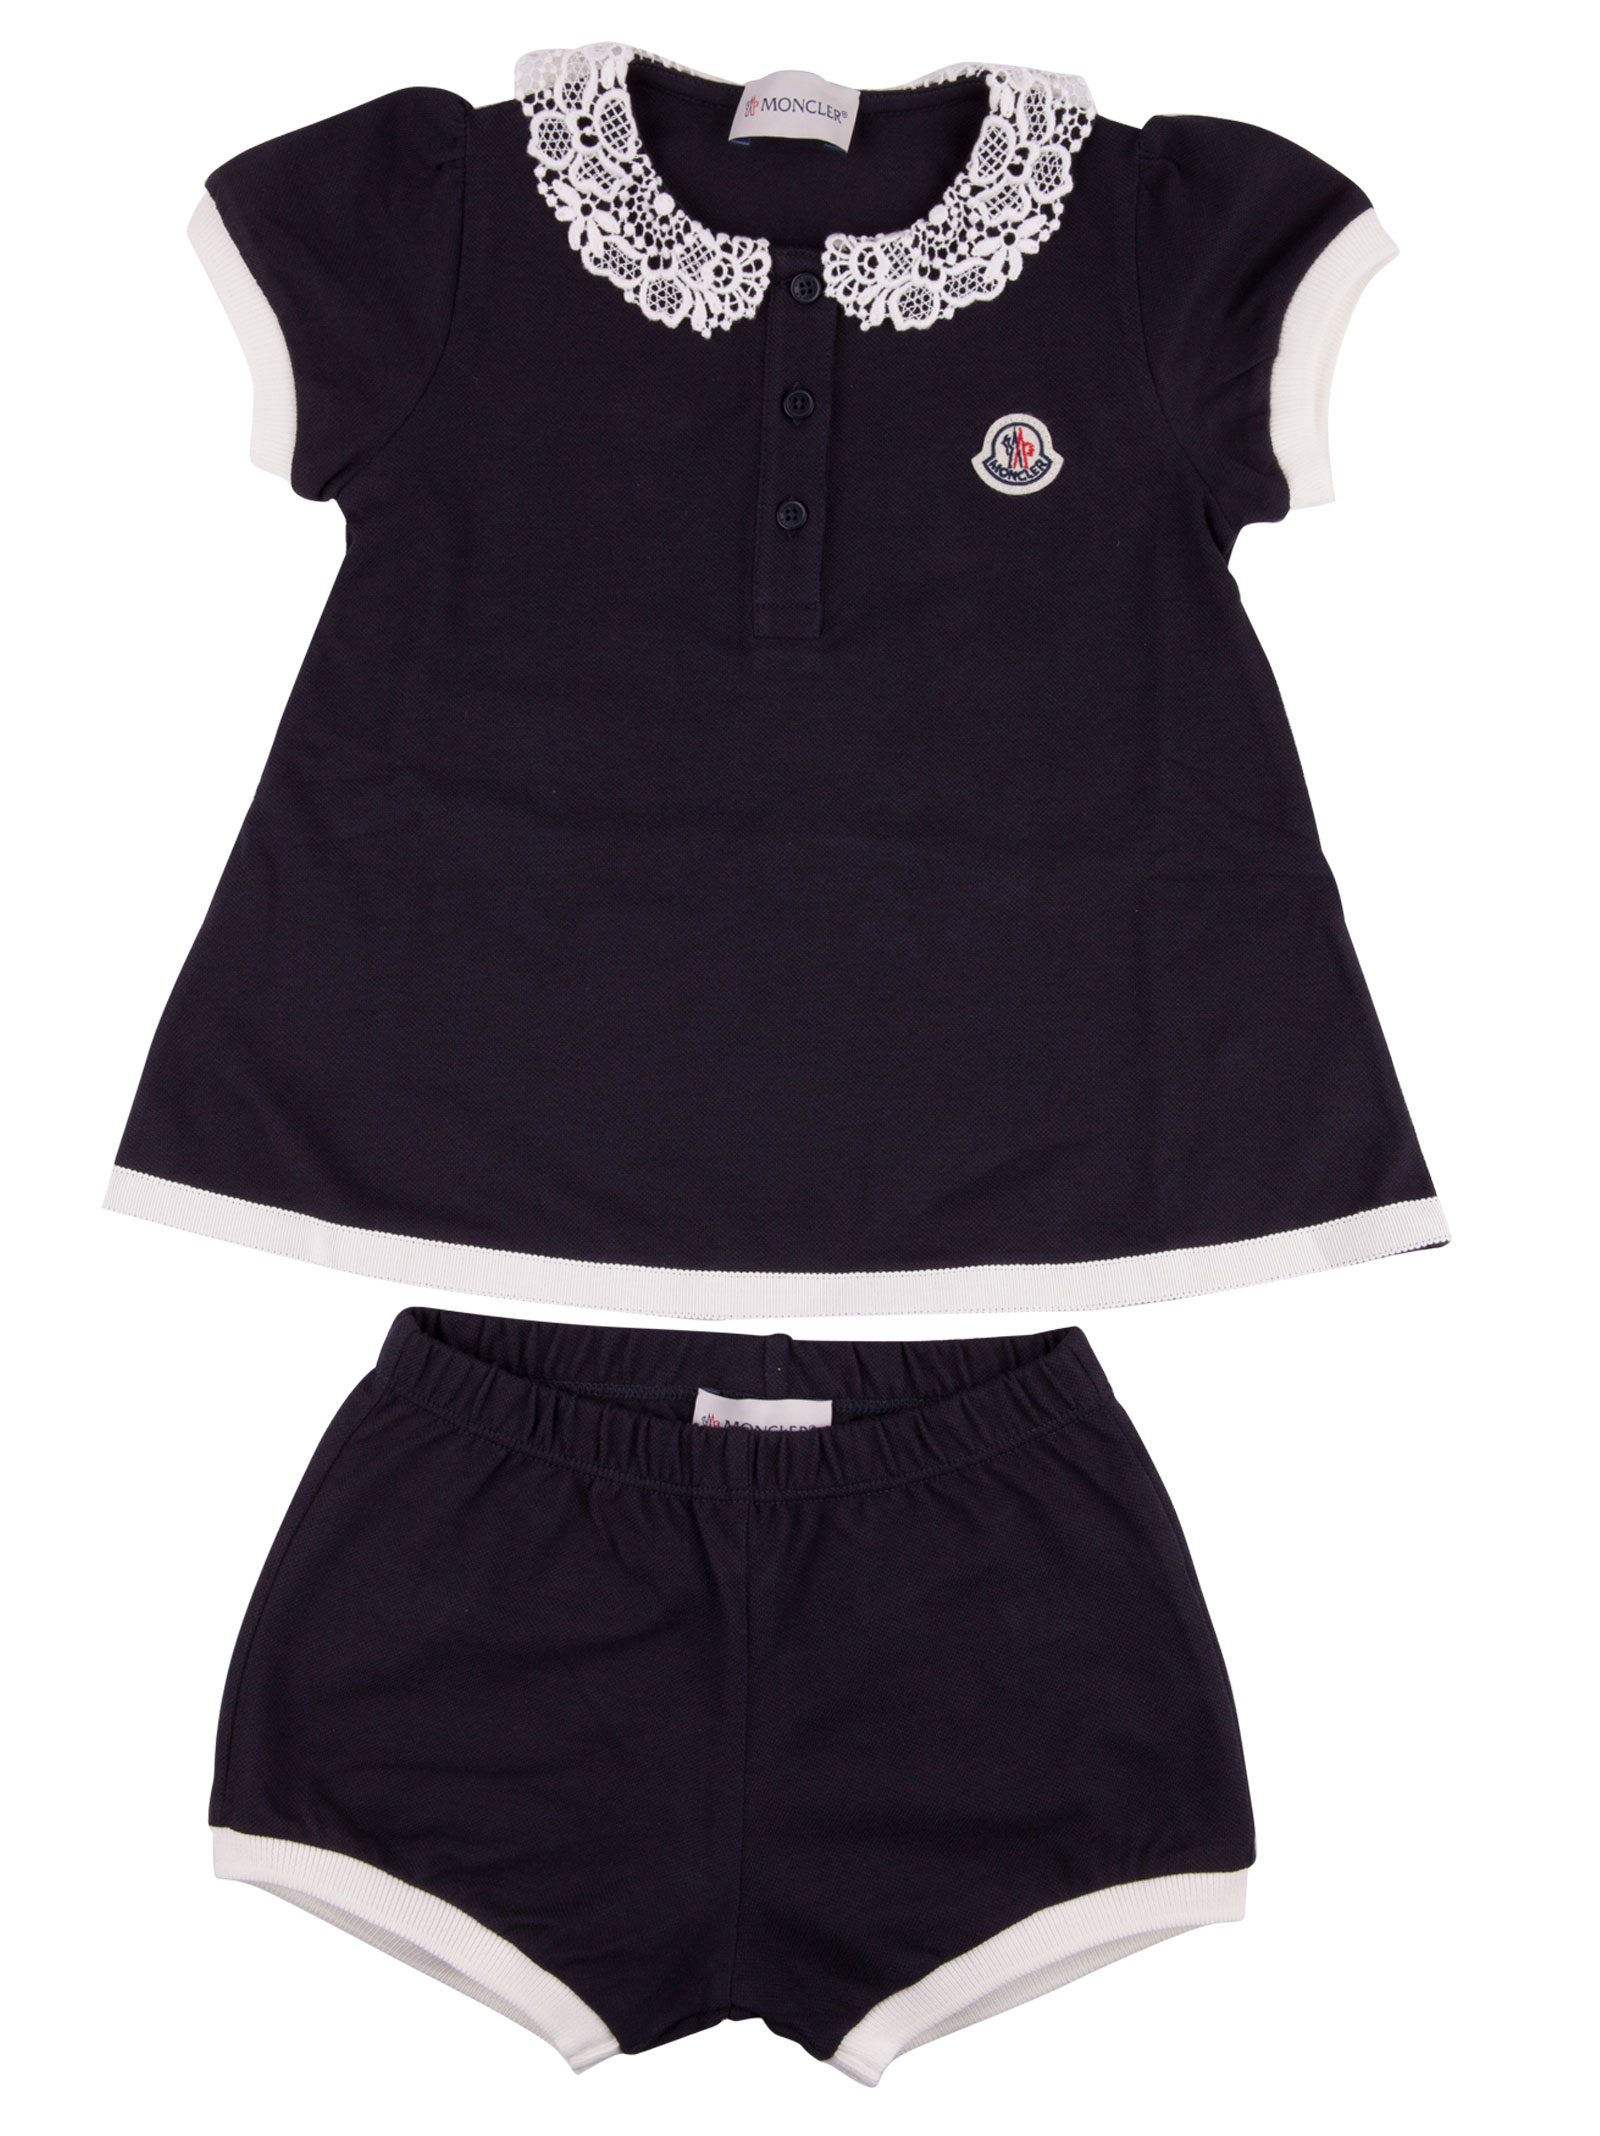 9a2d19f26 Moncler Kids jumpsuit